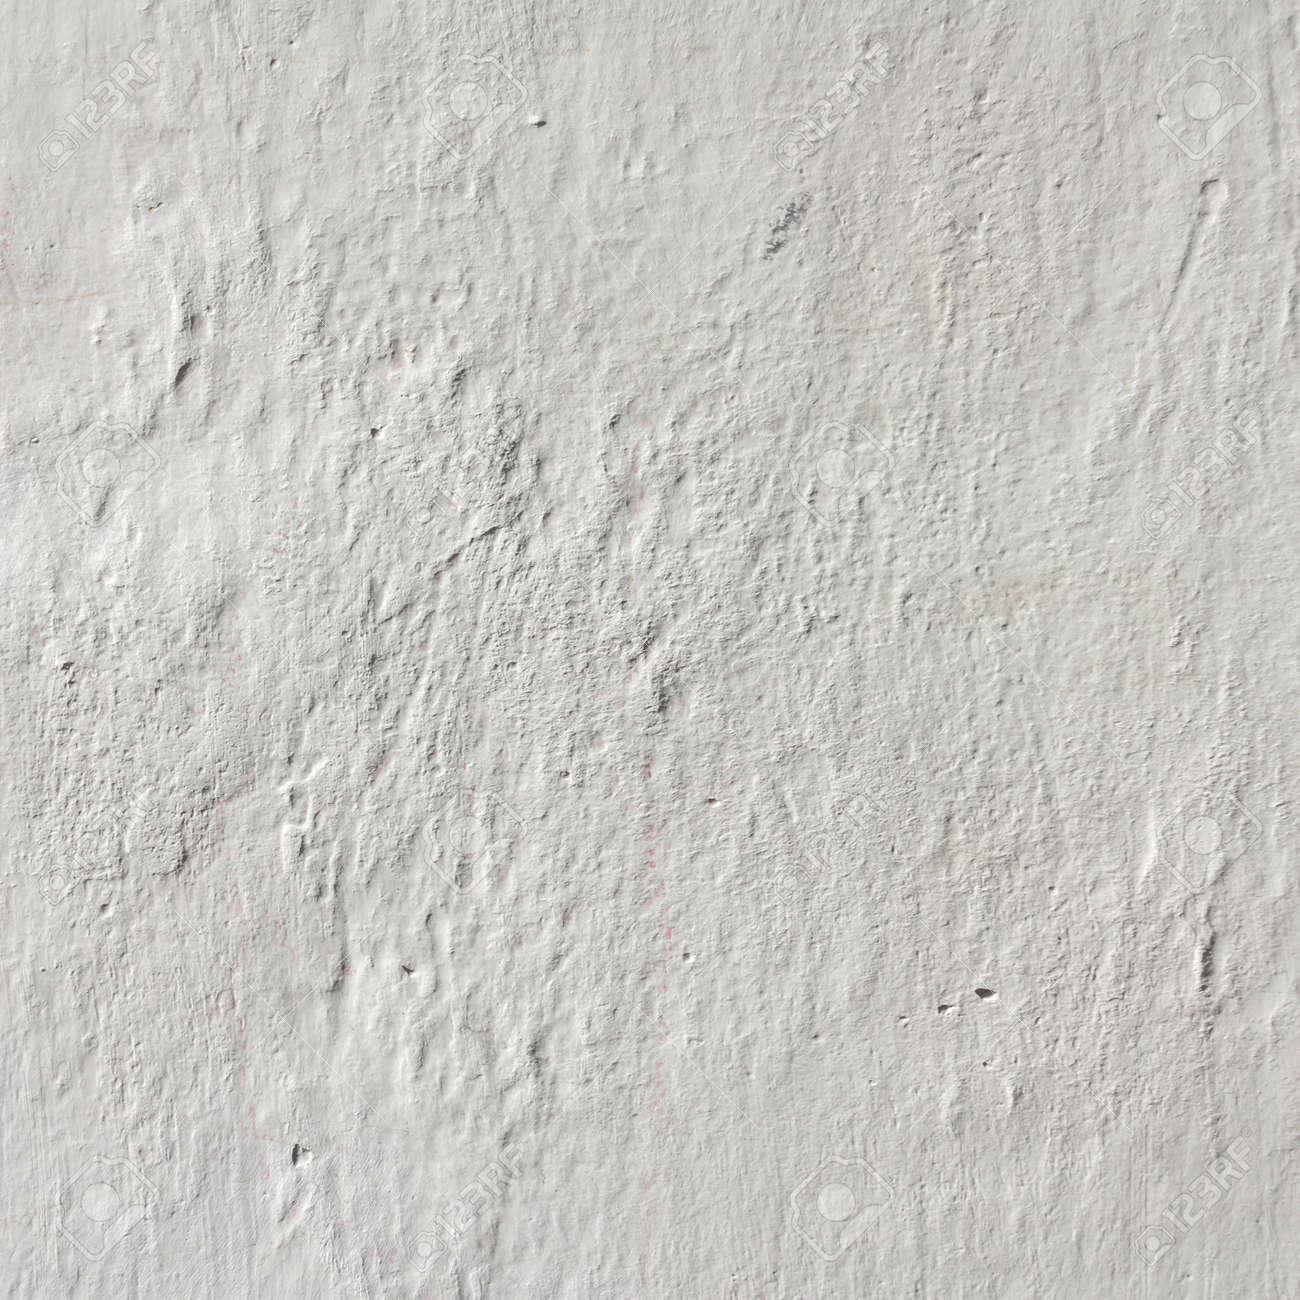 weiße wand textur hintergrund lizenzfreie fotos, bilder und stock